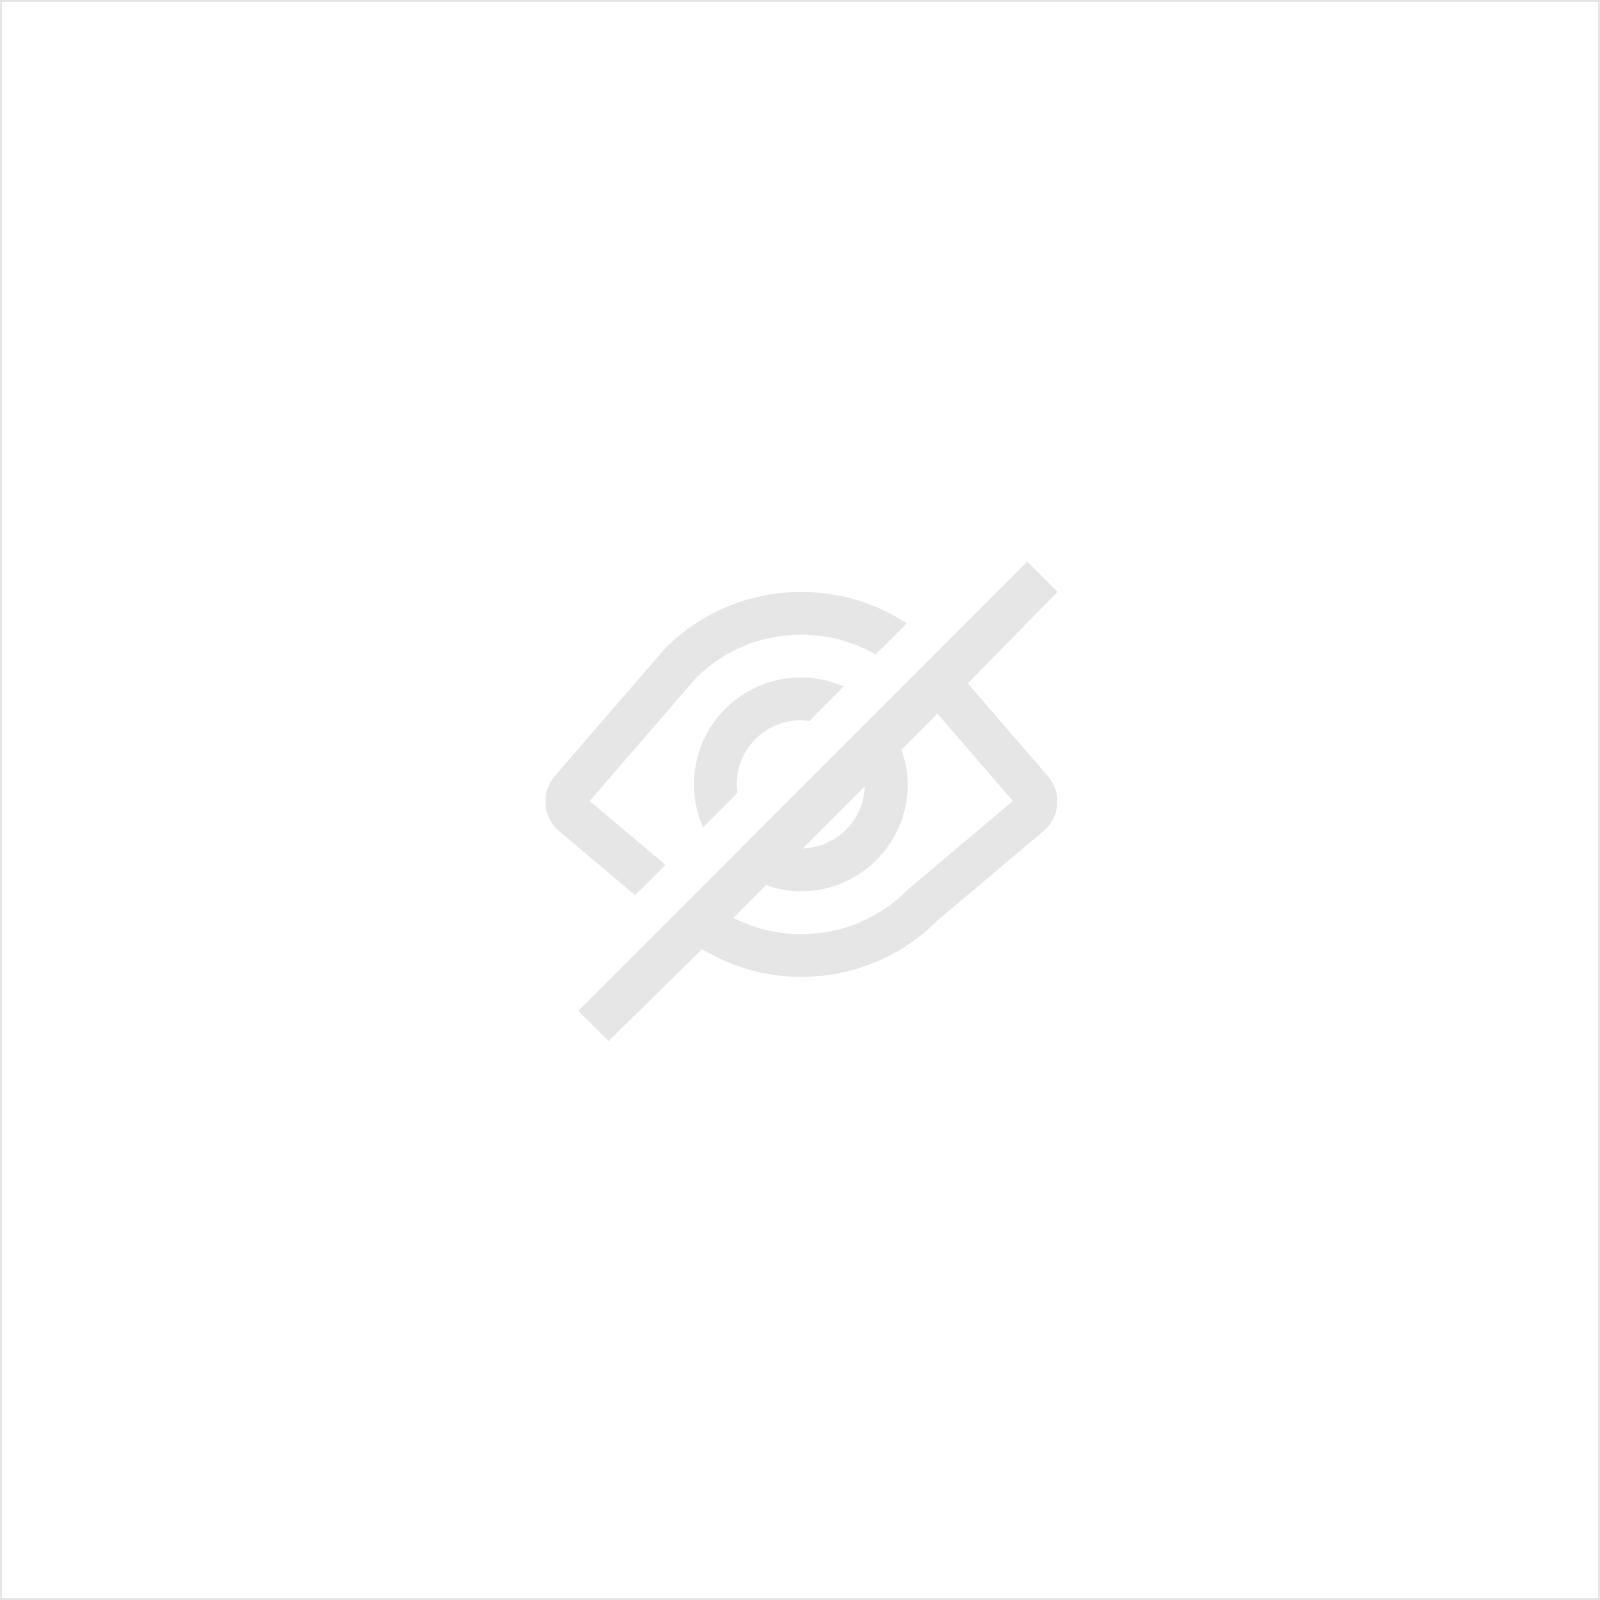 STRAALMIDDEL GARNET 'ULTRA FIJN' VOOR STRAALDRUKKETEL 25 KG